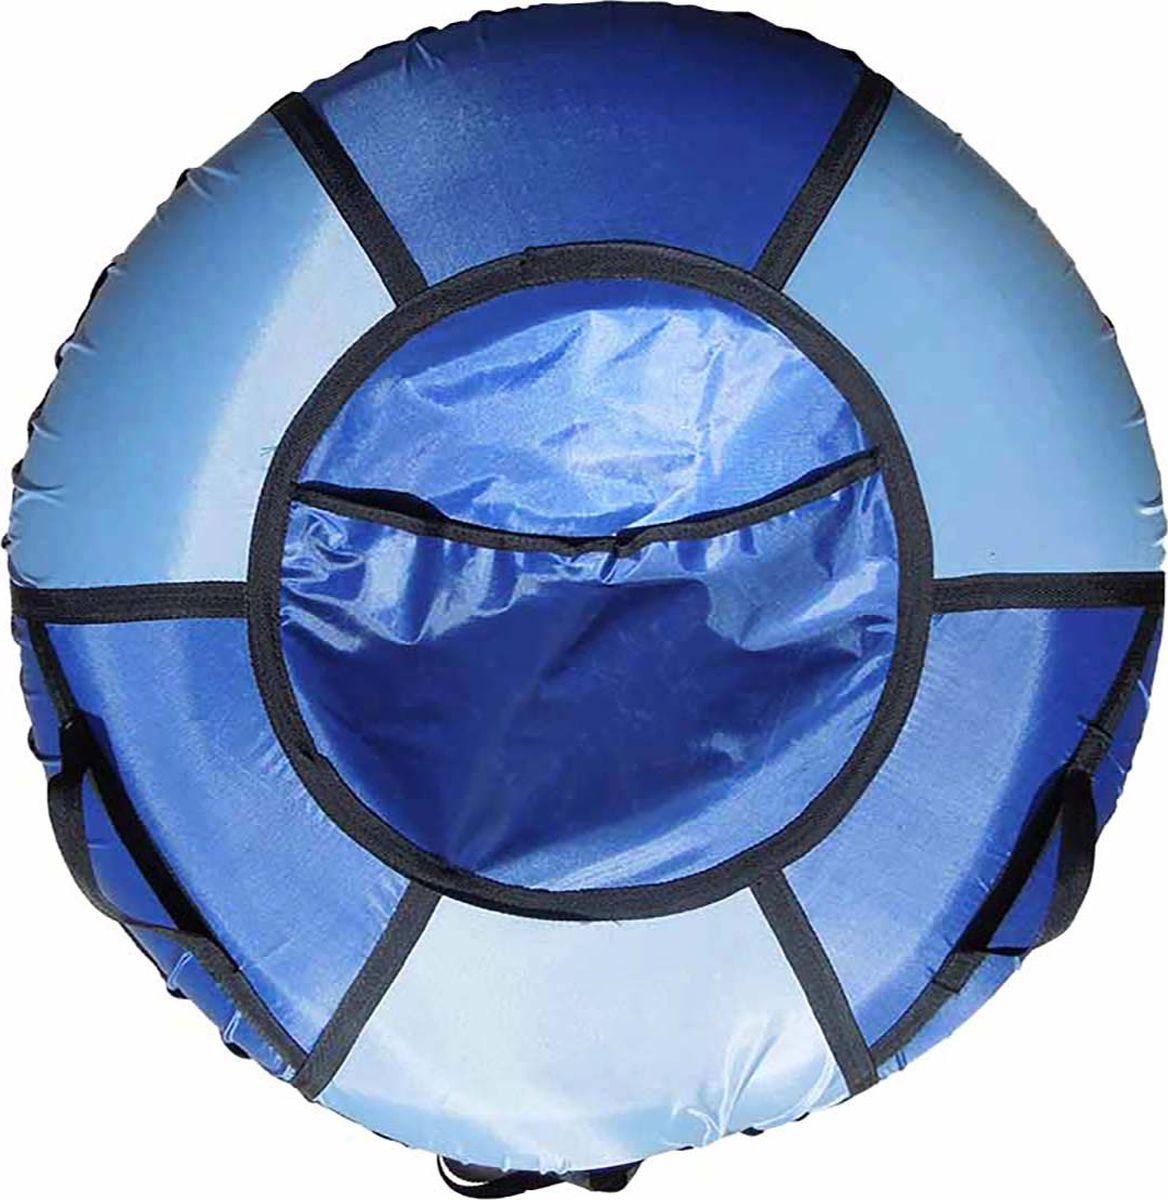 Тюбинг Эх, Прокачу! Профи-6, цвет: серый, синий, 115 смСП115-6-4Качественные бюджетные санки-ватрушки для катания по снегу из 6 секций * размеры указаны в надутом состоянии * дно изготовлено из ткани ПВХ 630г/м2 * верх изготовлен из ткани ПВХ 630гр/м2 * камера российского производства * буксировочный ремень * морозоустойчивость -45 * допускается деформация формы санок из-за неравномерности надутия камеры